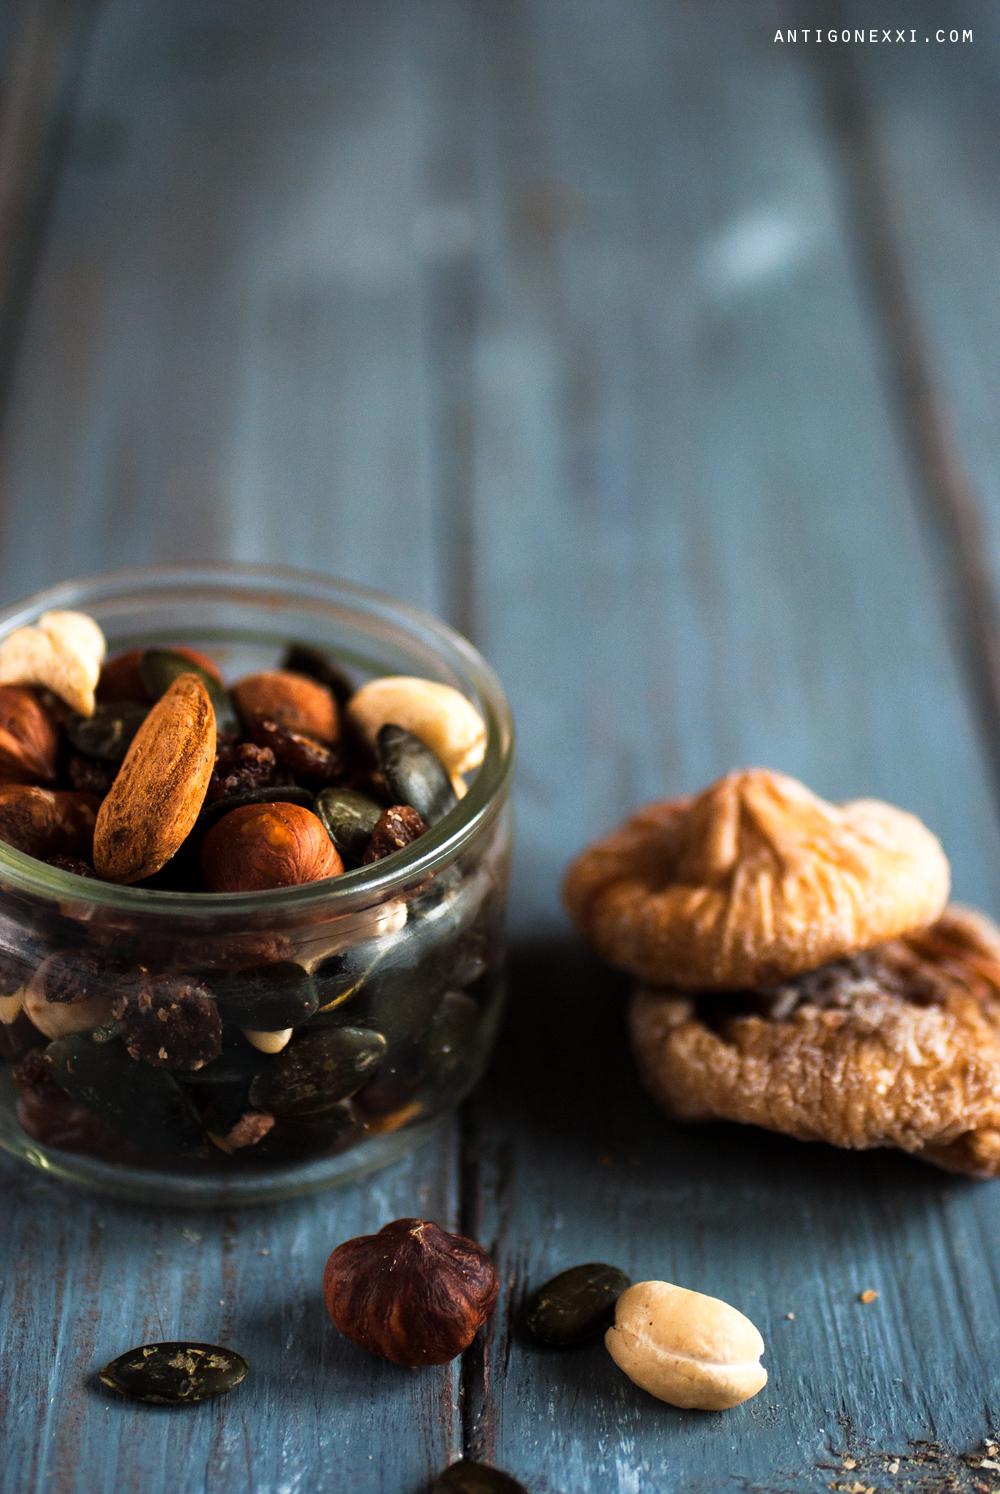 Nouveau Végétarien - Pourquoi j'ai tout le temps faim ? | Antigone XXI